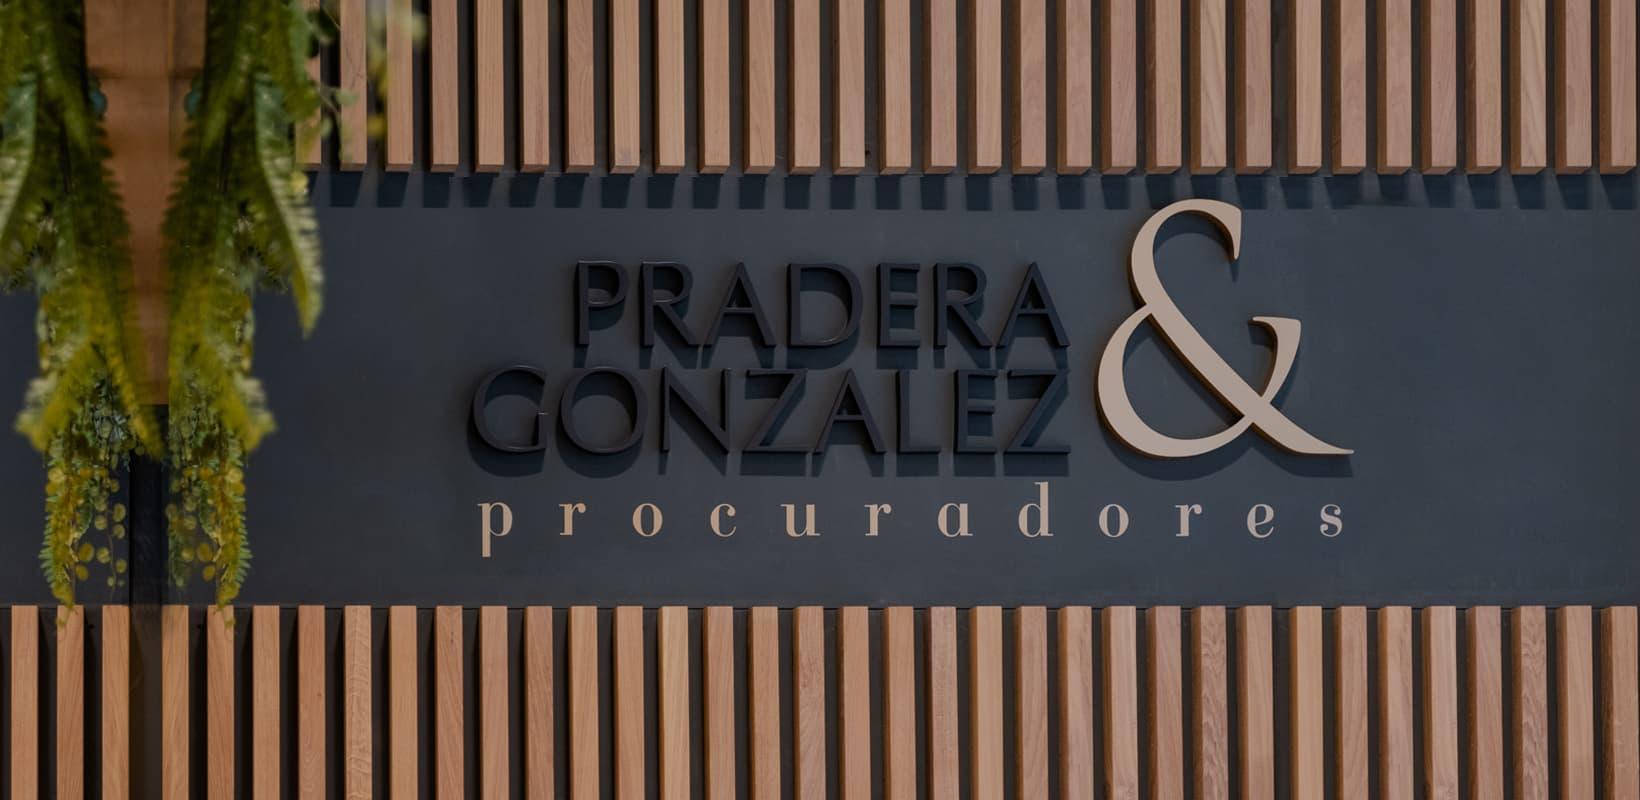 Primer plano del rótulo del despacho Pradera González Procuradores en la calle Oiso 18 de Barcelona